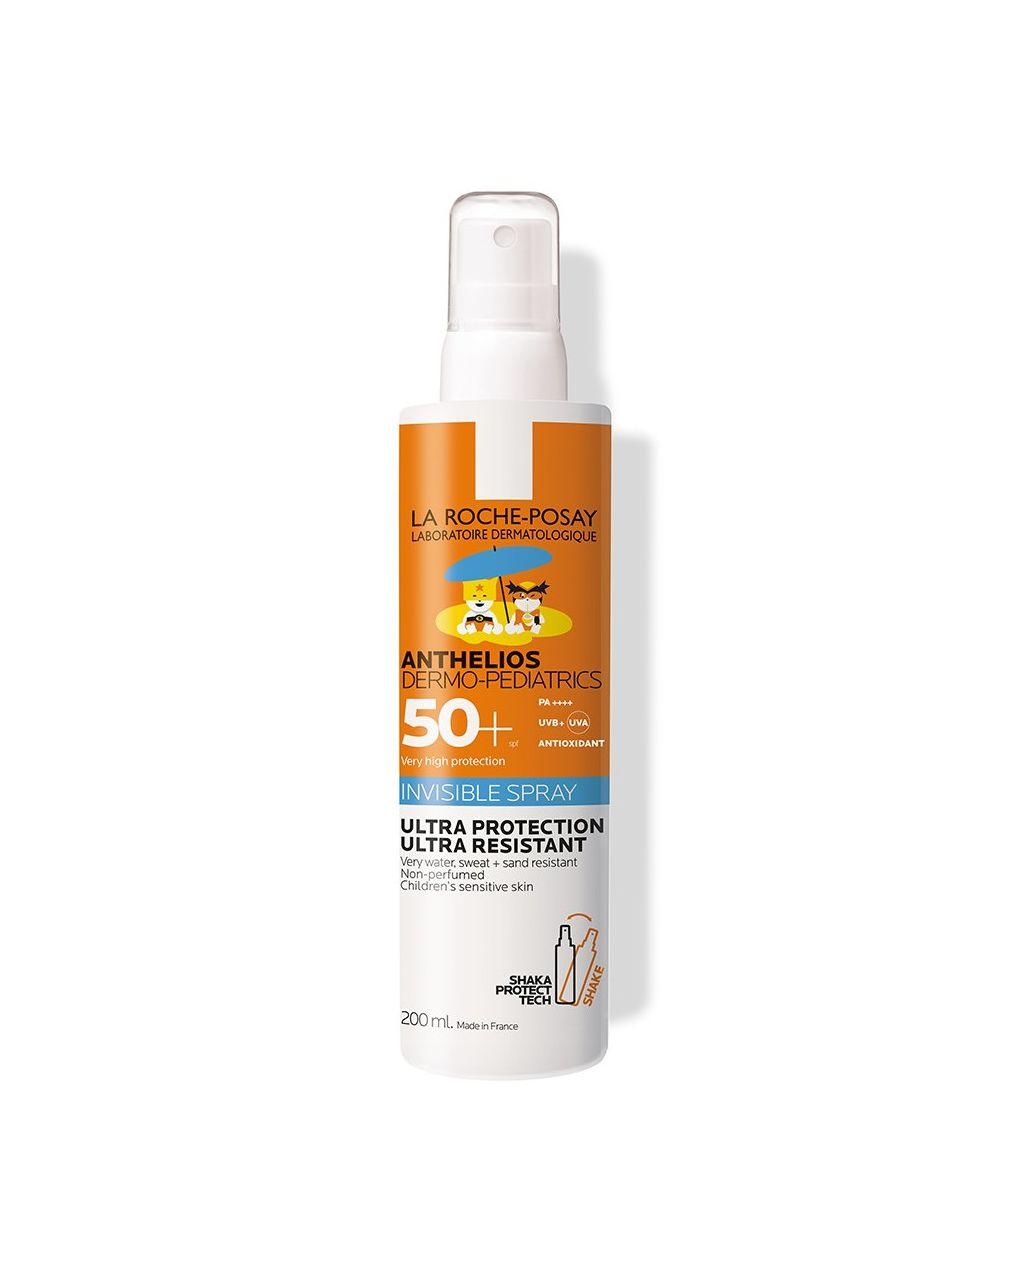 Solare la roche posay anthelios dermo-pediatrics spray 50+ 200 ml - La Roche Posay